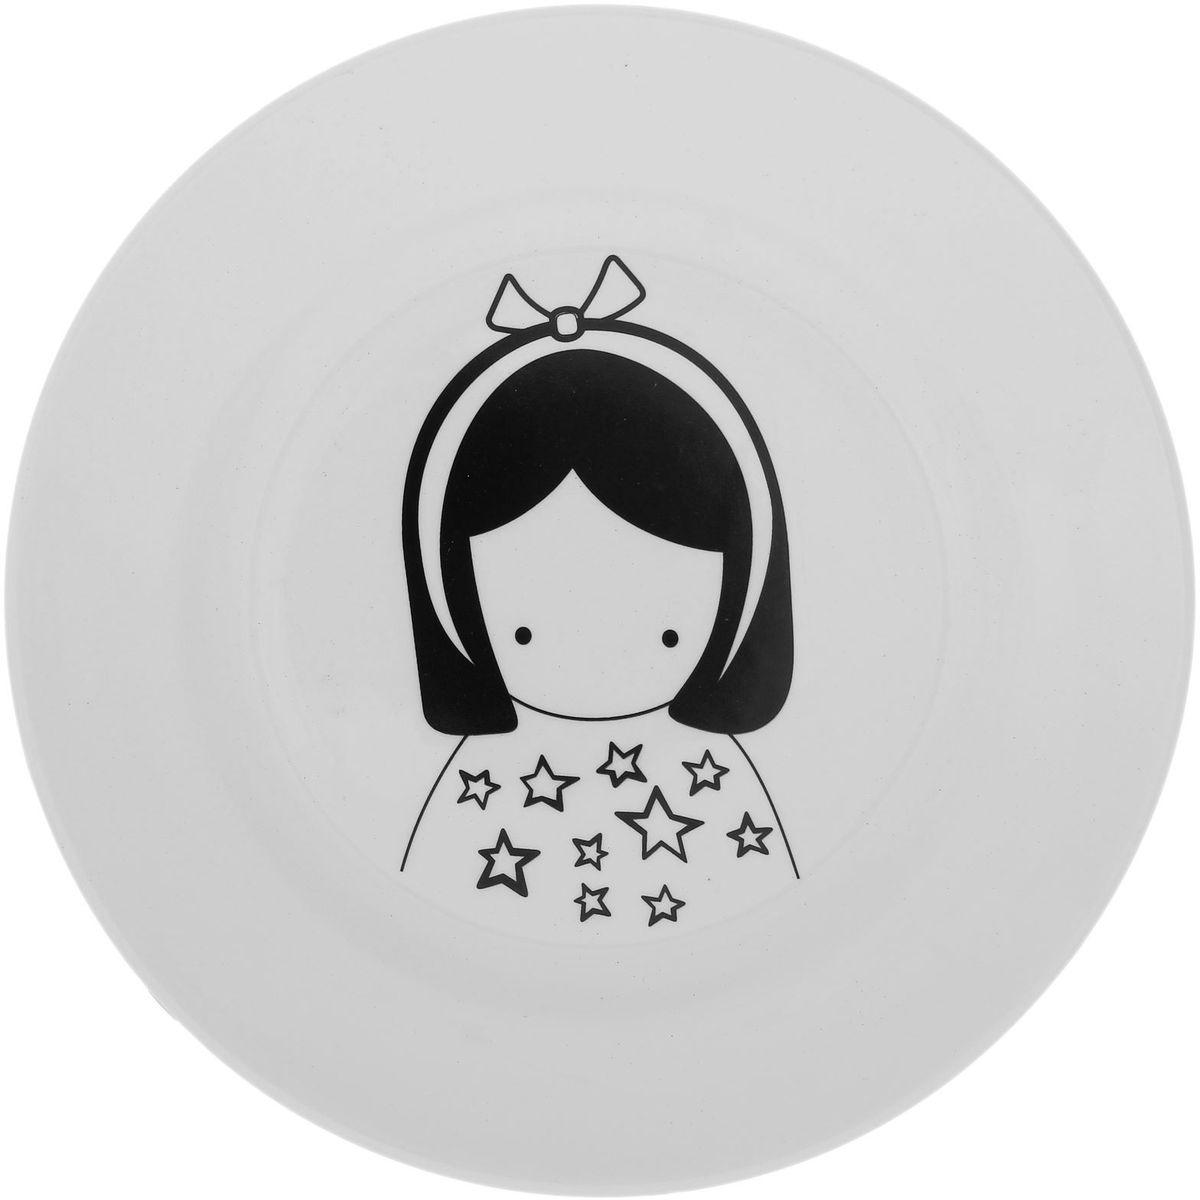 Тарелка мелкая Сотвори чудо Куколка Faien, диаметр 20 см54 009312Хотите обновить интерьер кухни или гостиной? Устраиваете необычную фотосессию или тематический праздник? А может, просто ищете подарок для близкого человека? Посуда Сотвори Чудо — правильный выбор в любой ситуации. Тарелка Сотвори Чудо, изготовленная из изящного фаянса нежного сливочного цвета, оформлена оригинальным рисунком со стойкой краской. Пригодна для посудомоечной машины.